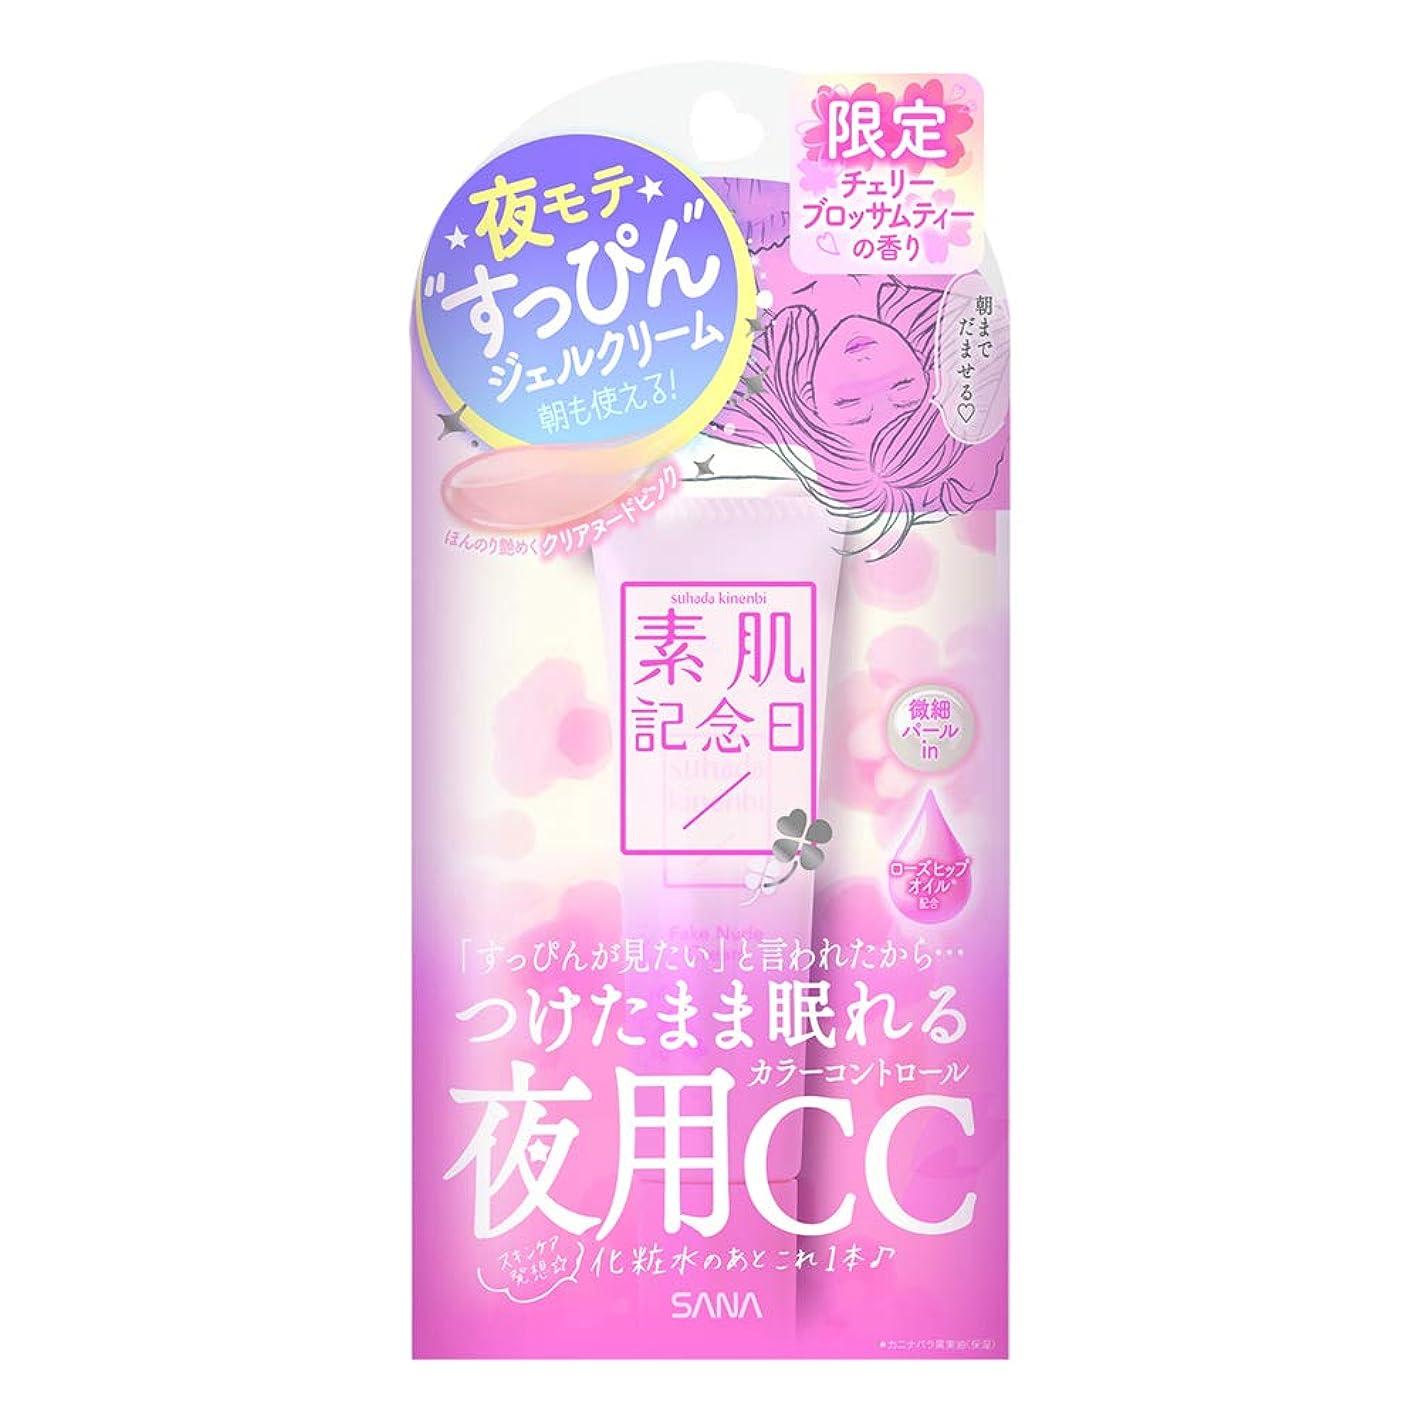 経済スリップシューズ症状素肌記念日 フェイクヌードクリーム ヌードピンク チェリーブロッサムティの香り 30g